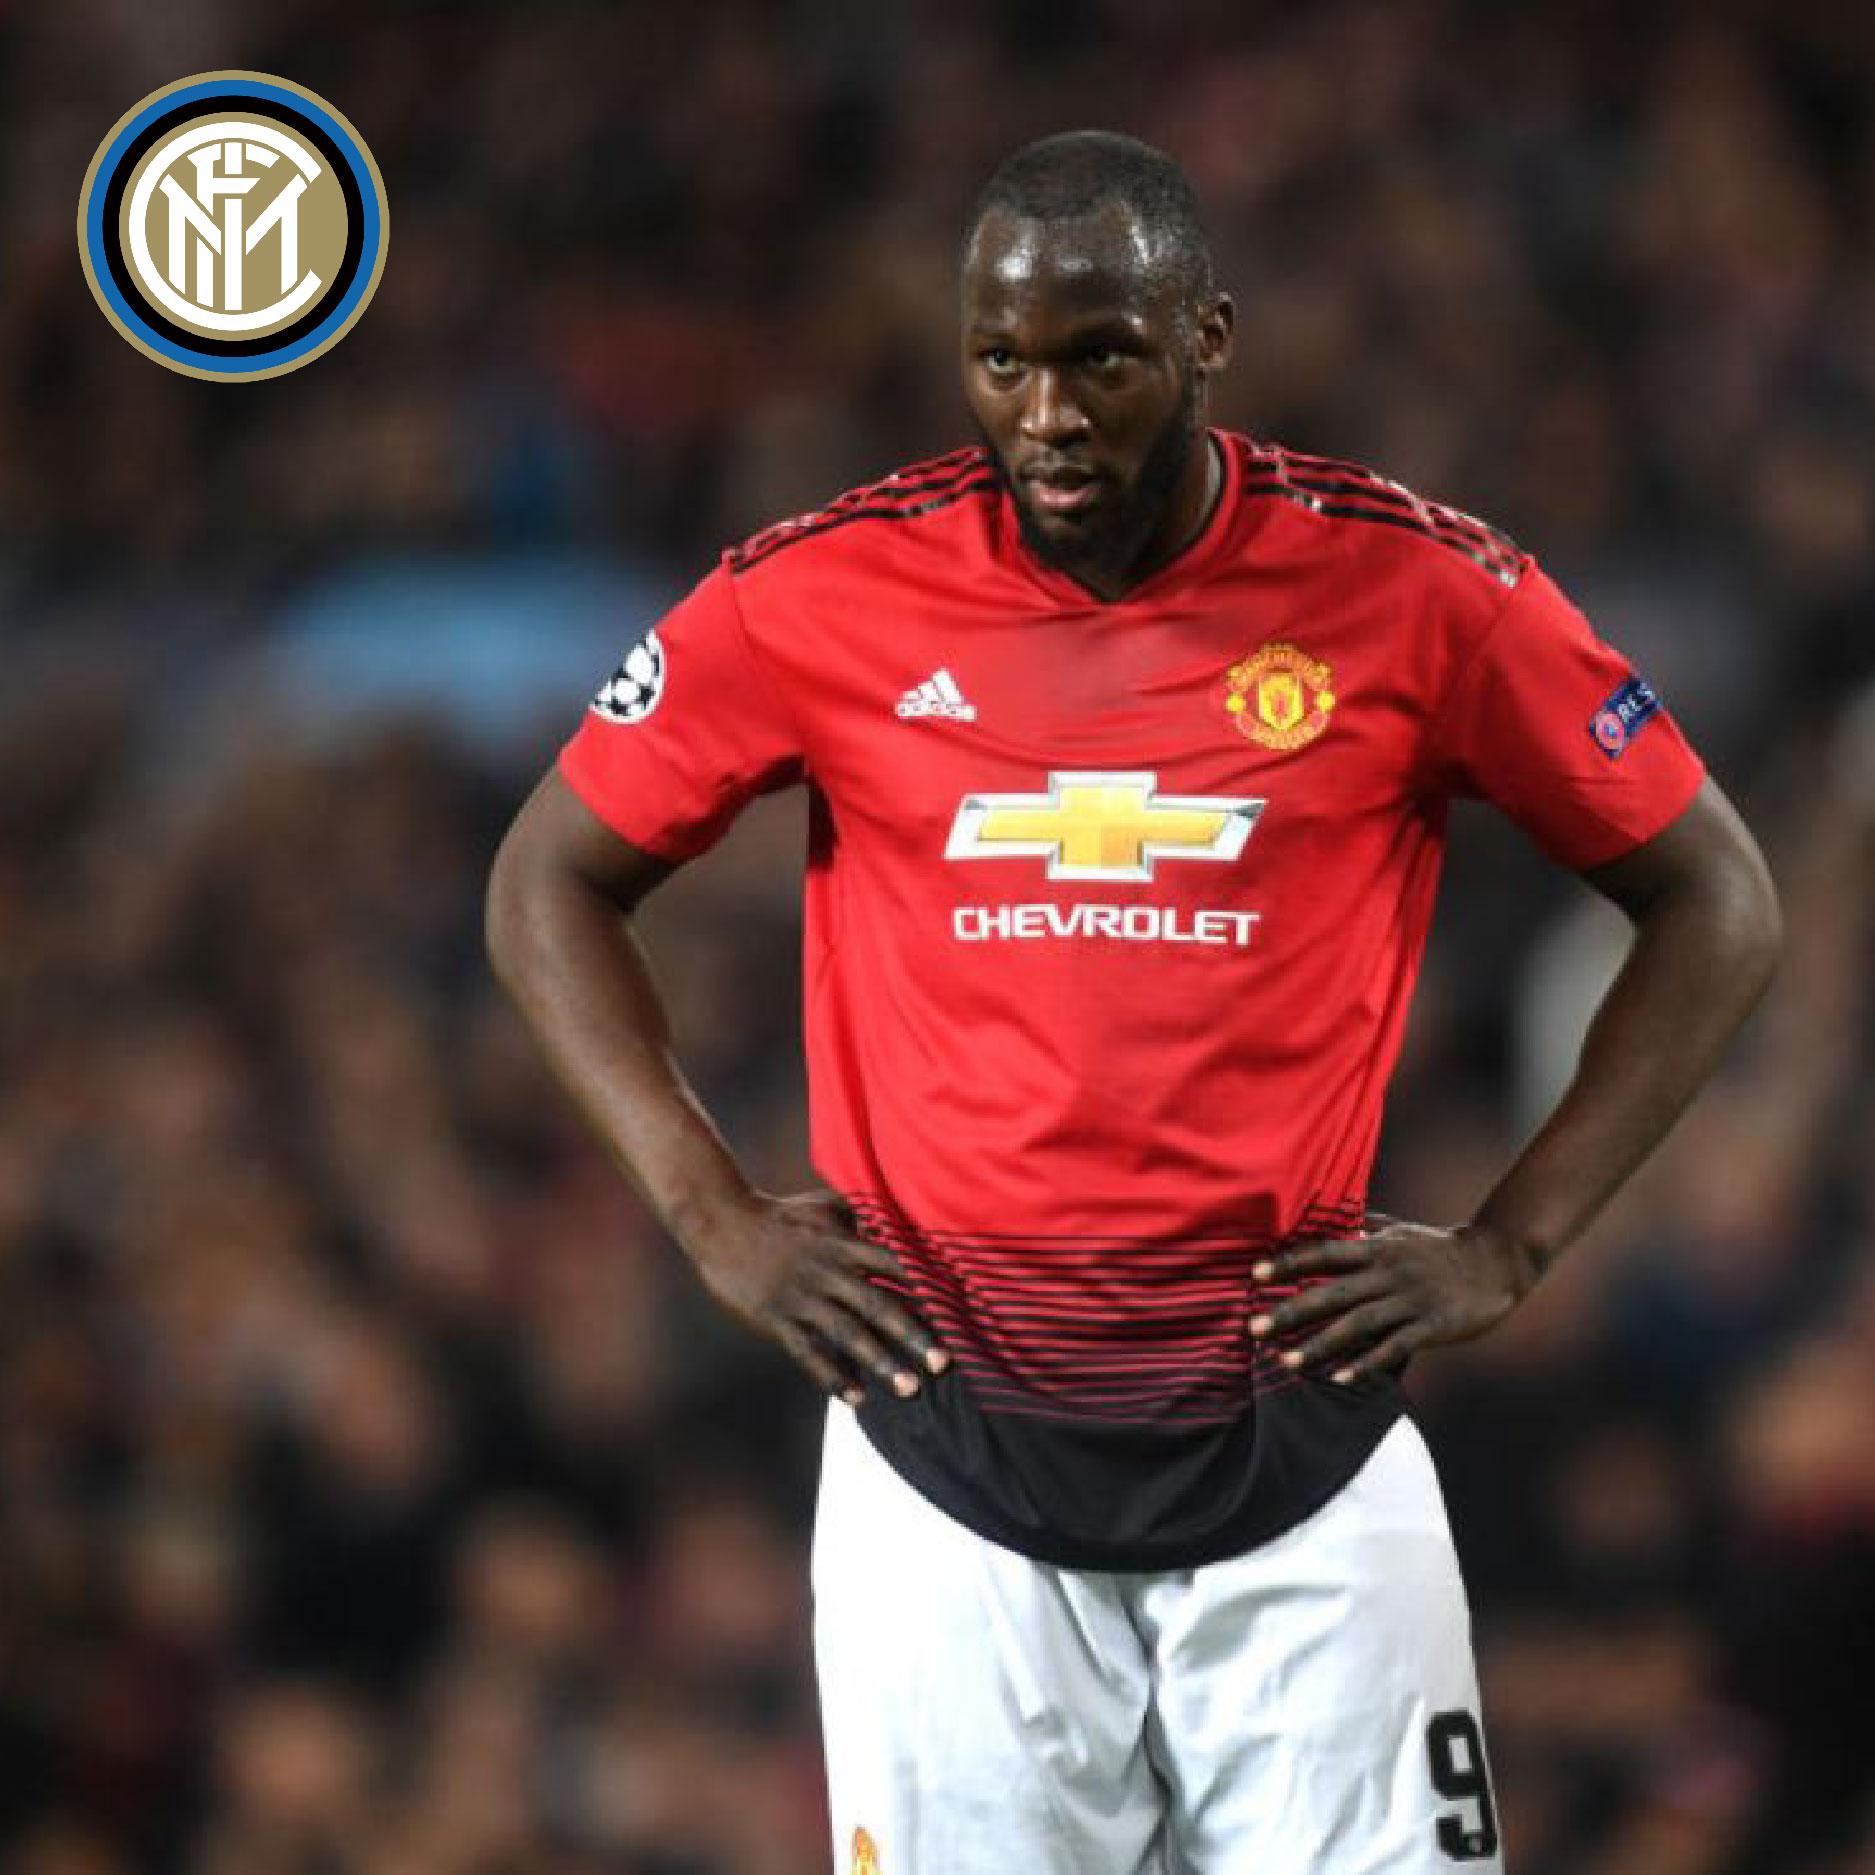 Inter Milan tiếp tục thương vụ Lukaku